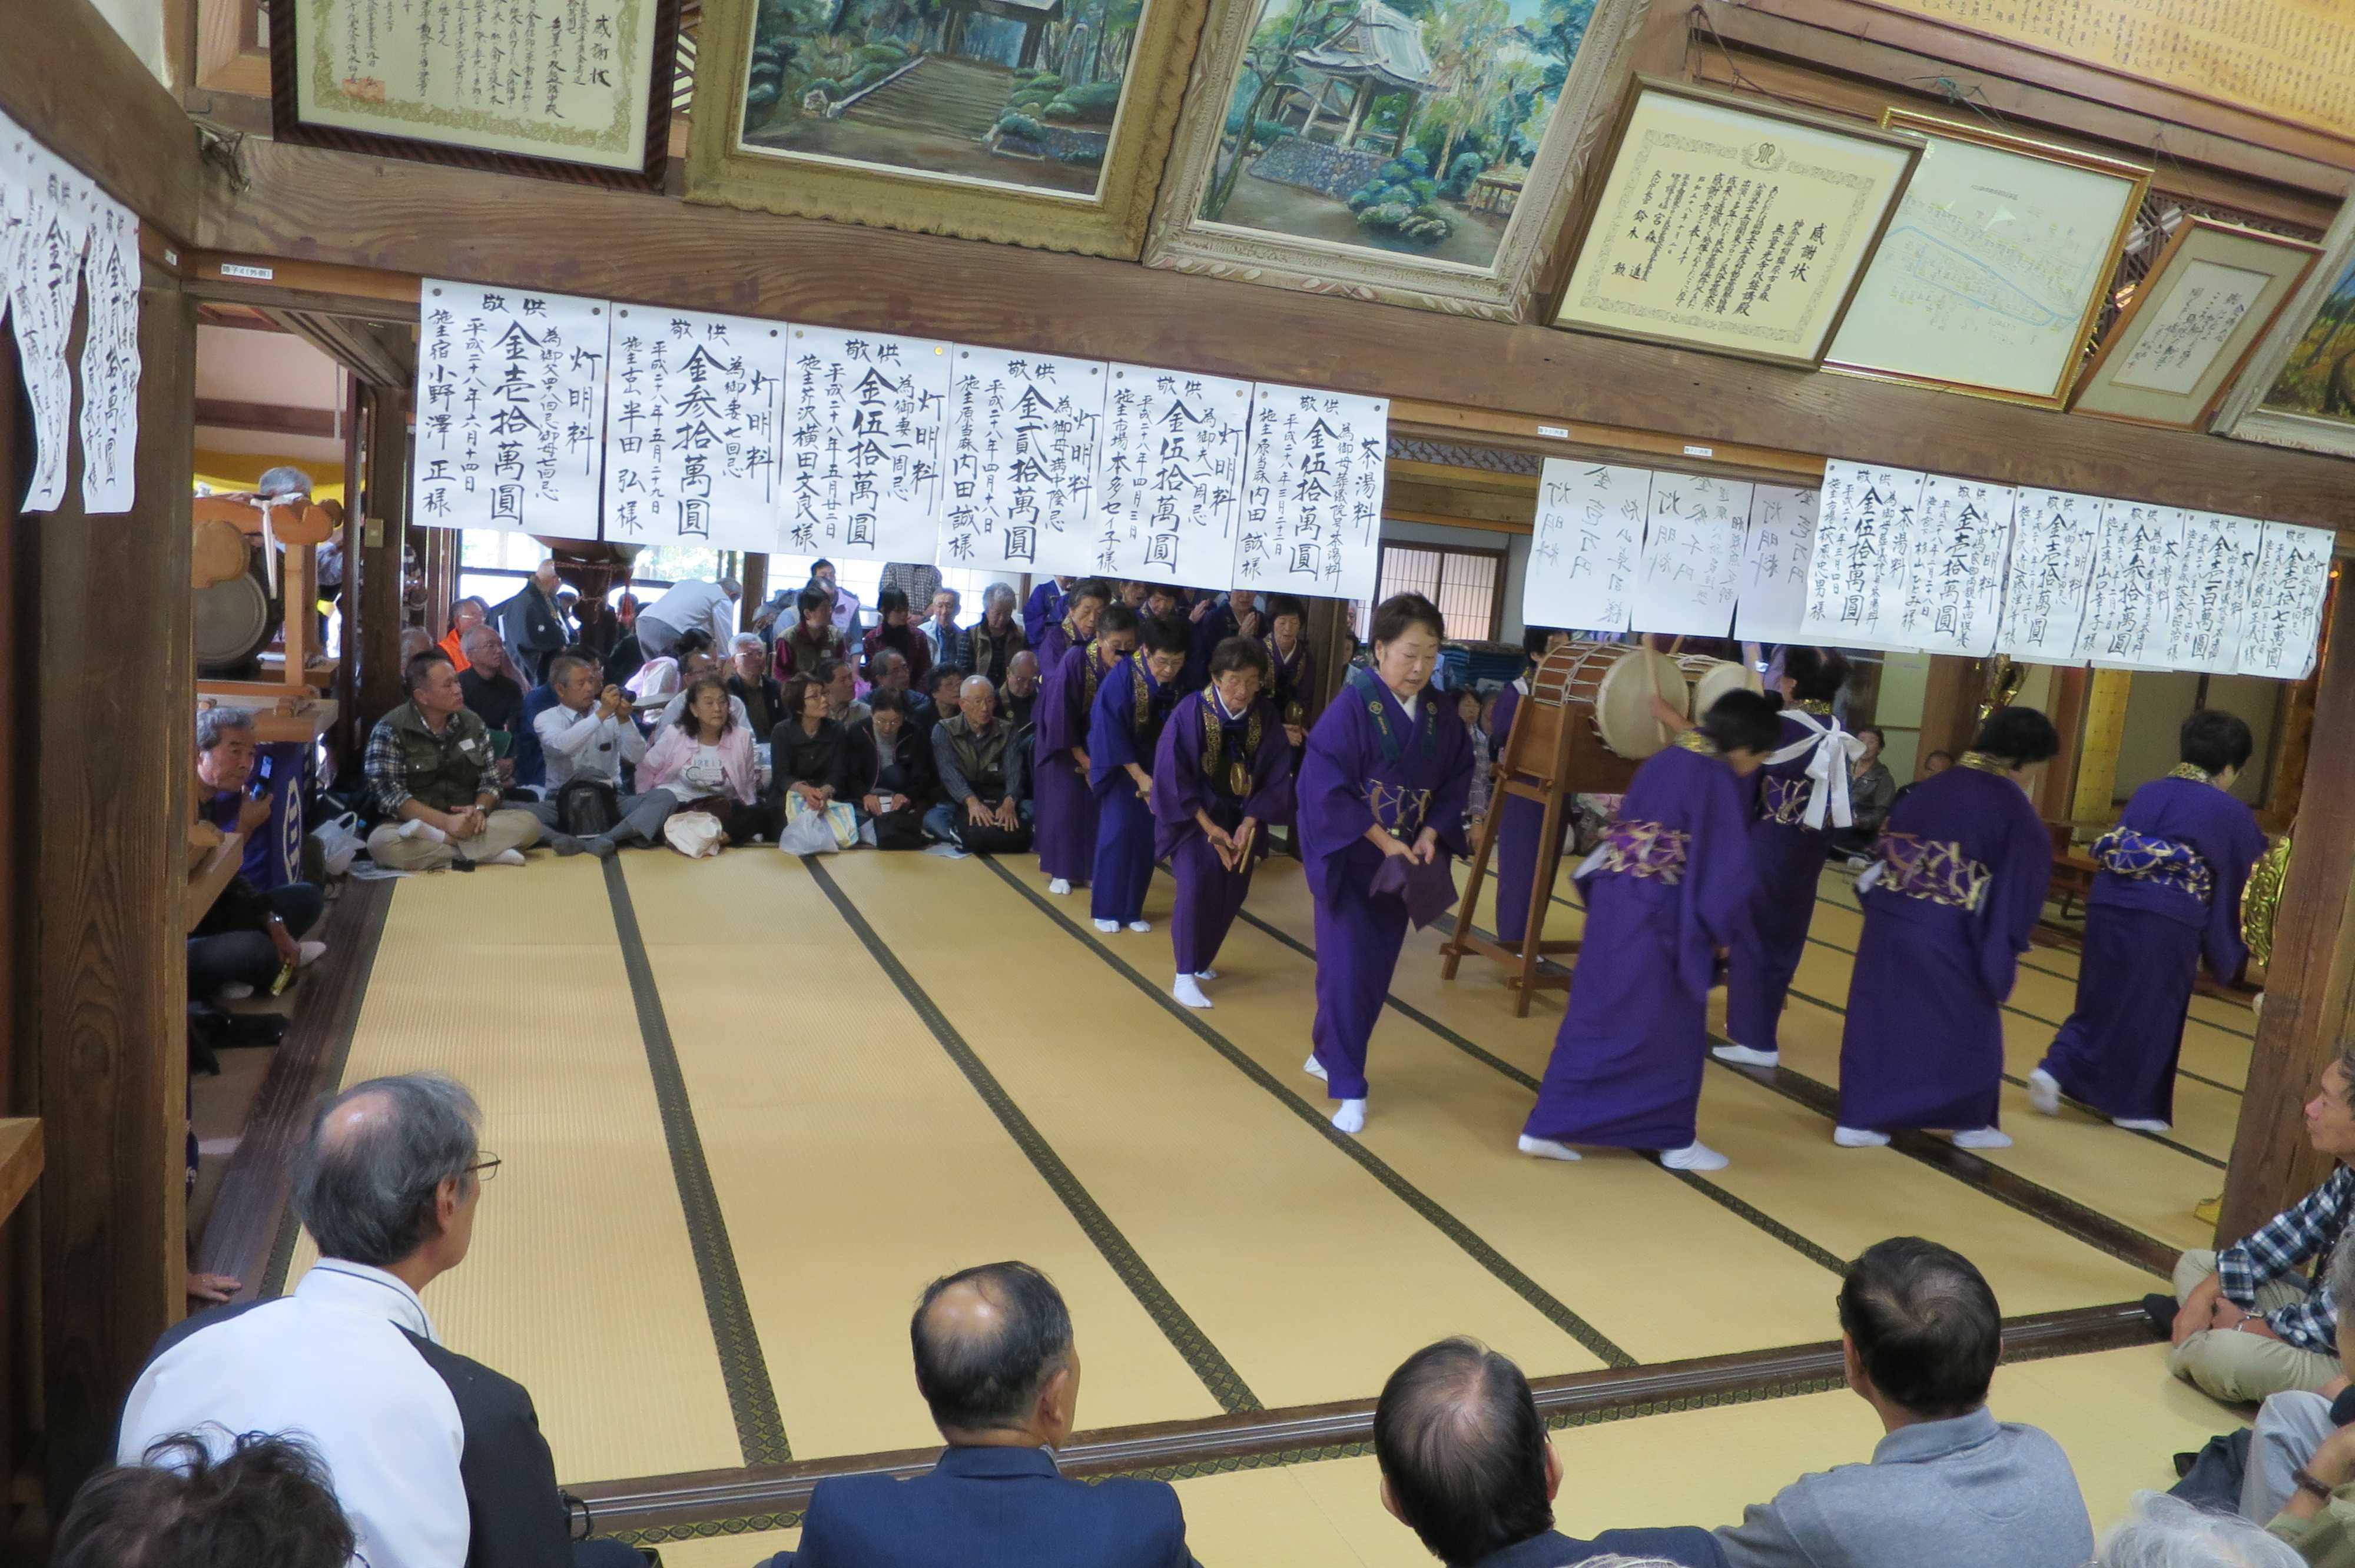 無量光寺の踊り念仏 - 歩きながら唱名(南無阿弥陀仏)